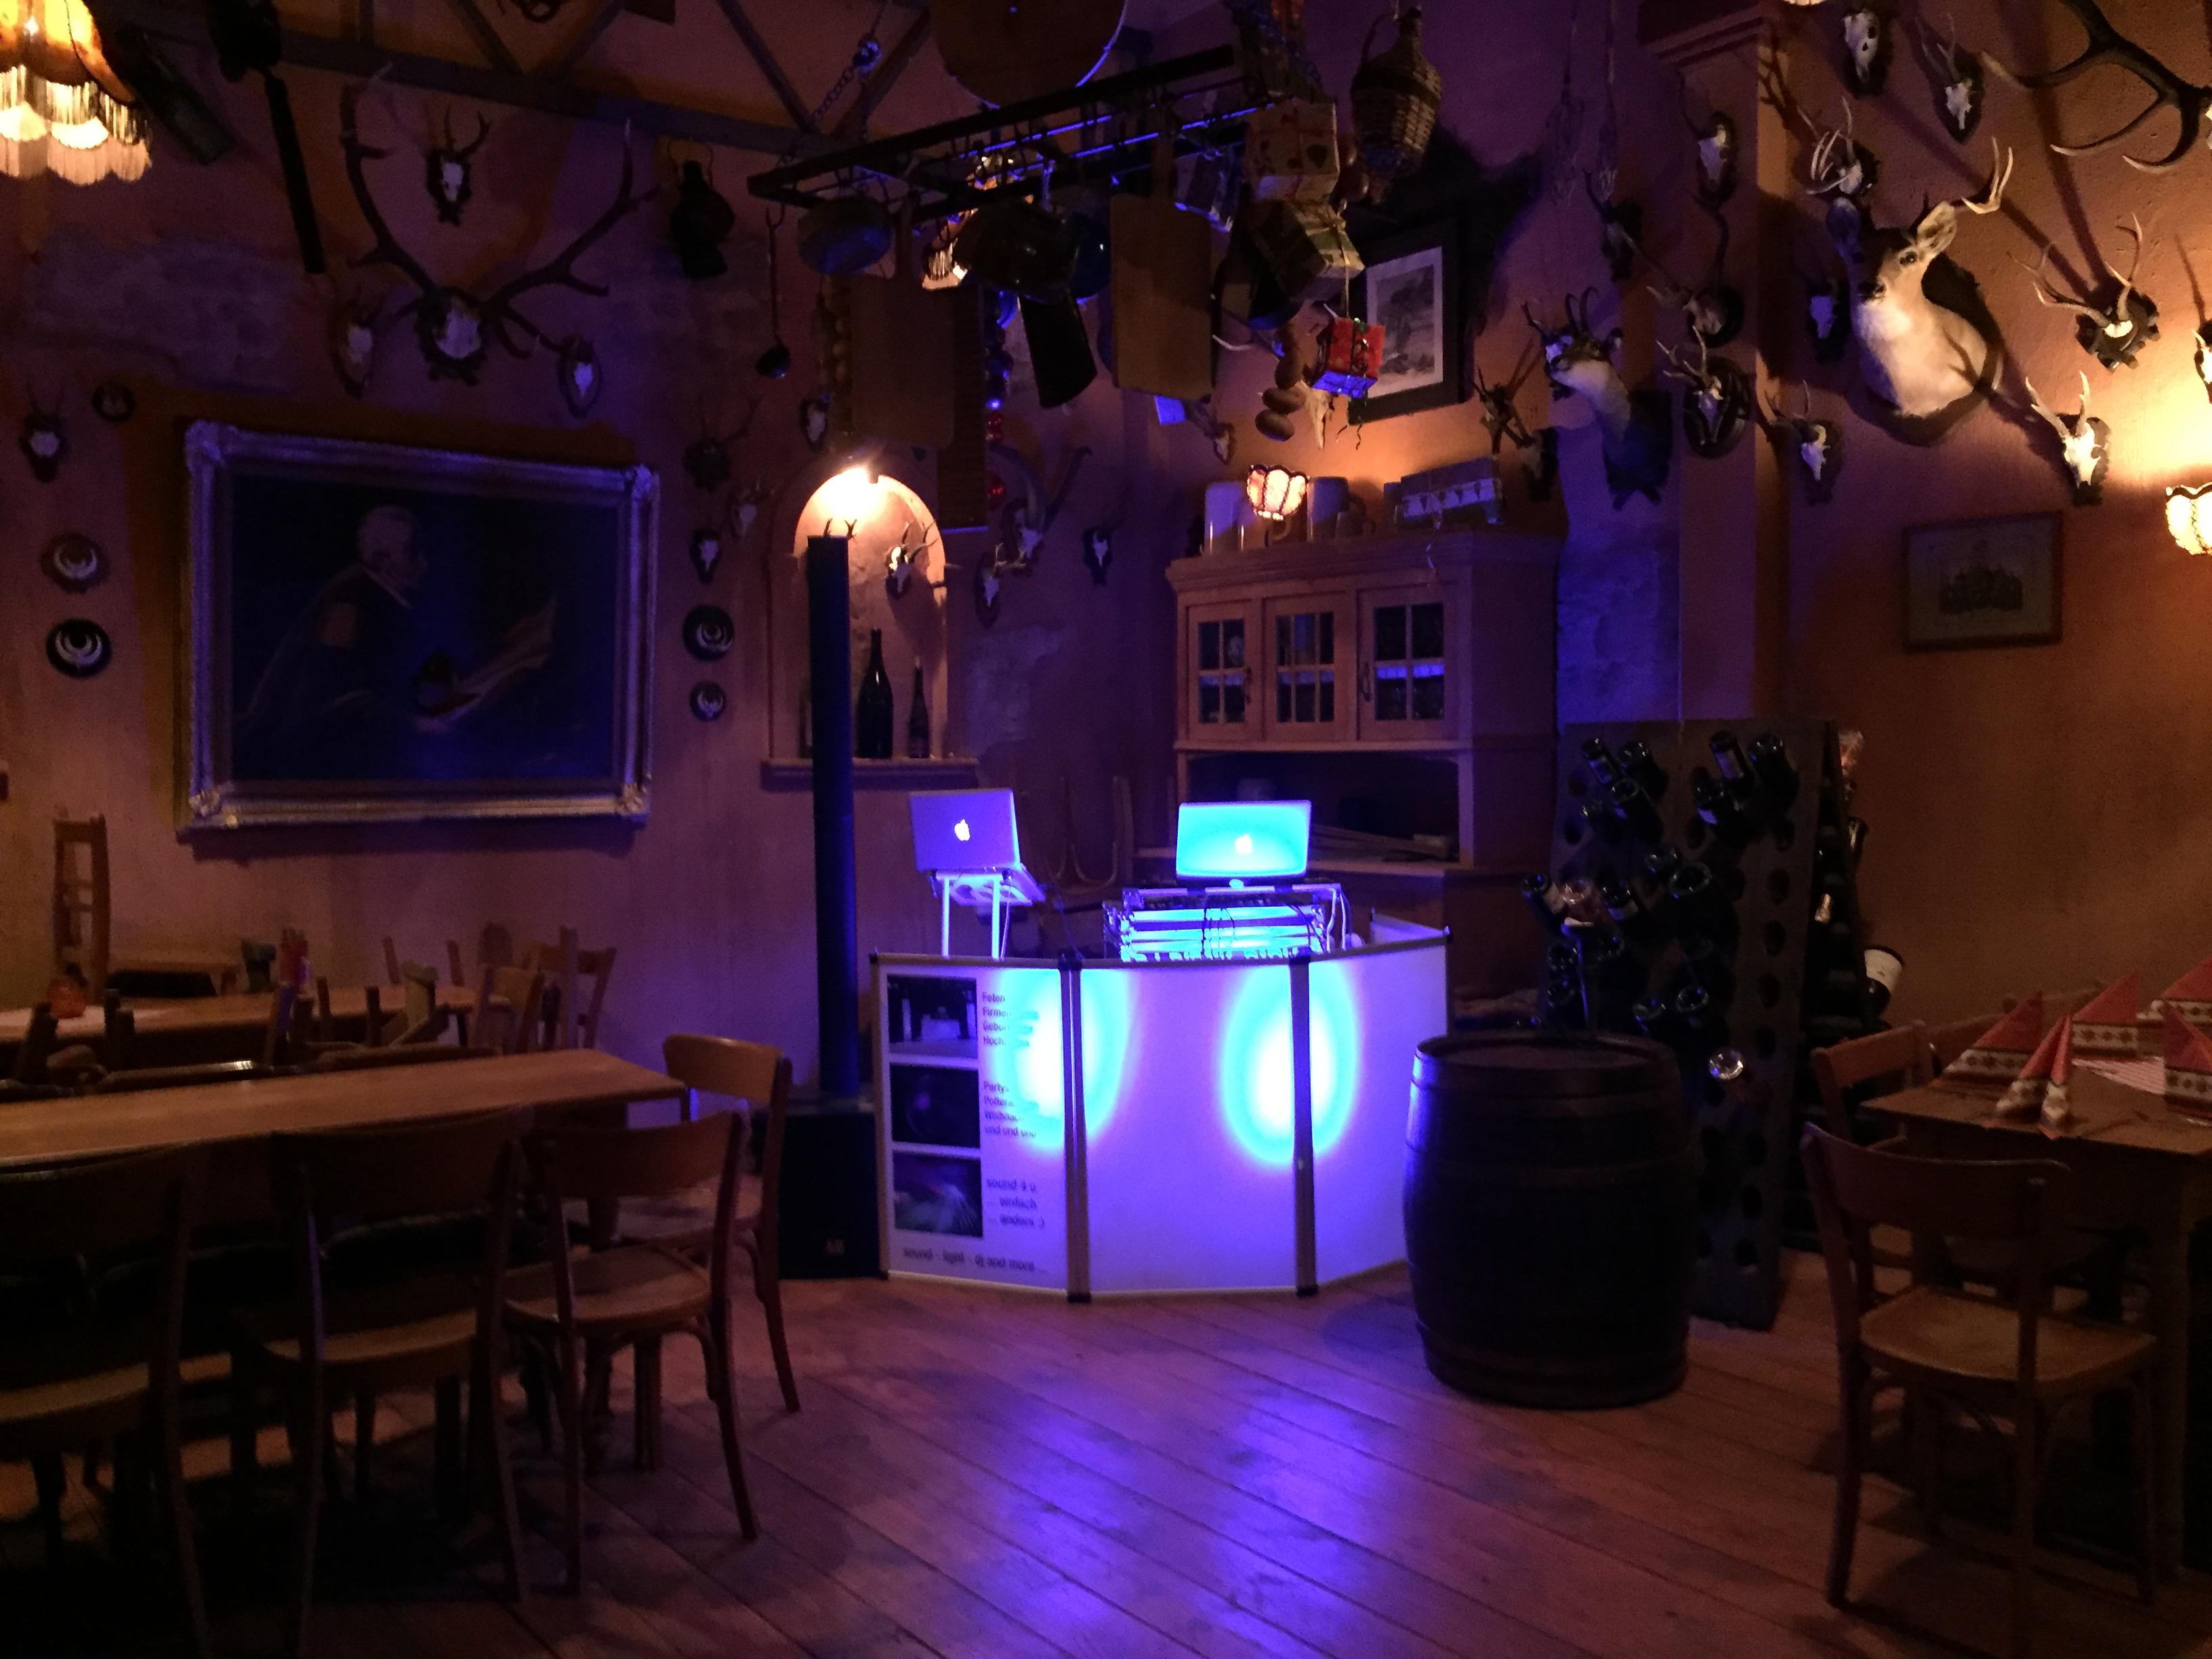 Alte Brauerei Kasbach - Linz - AH Nolden - Weihnachtsfeier - 2015 12 19 - 06